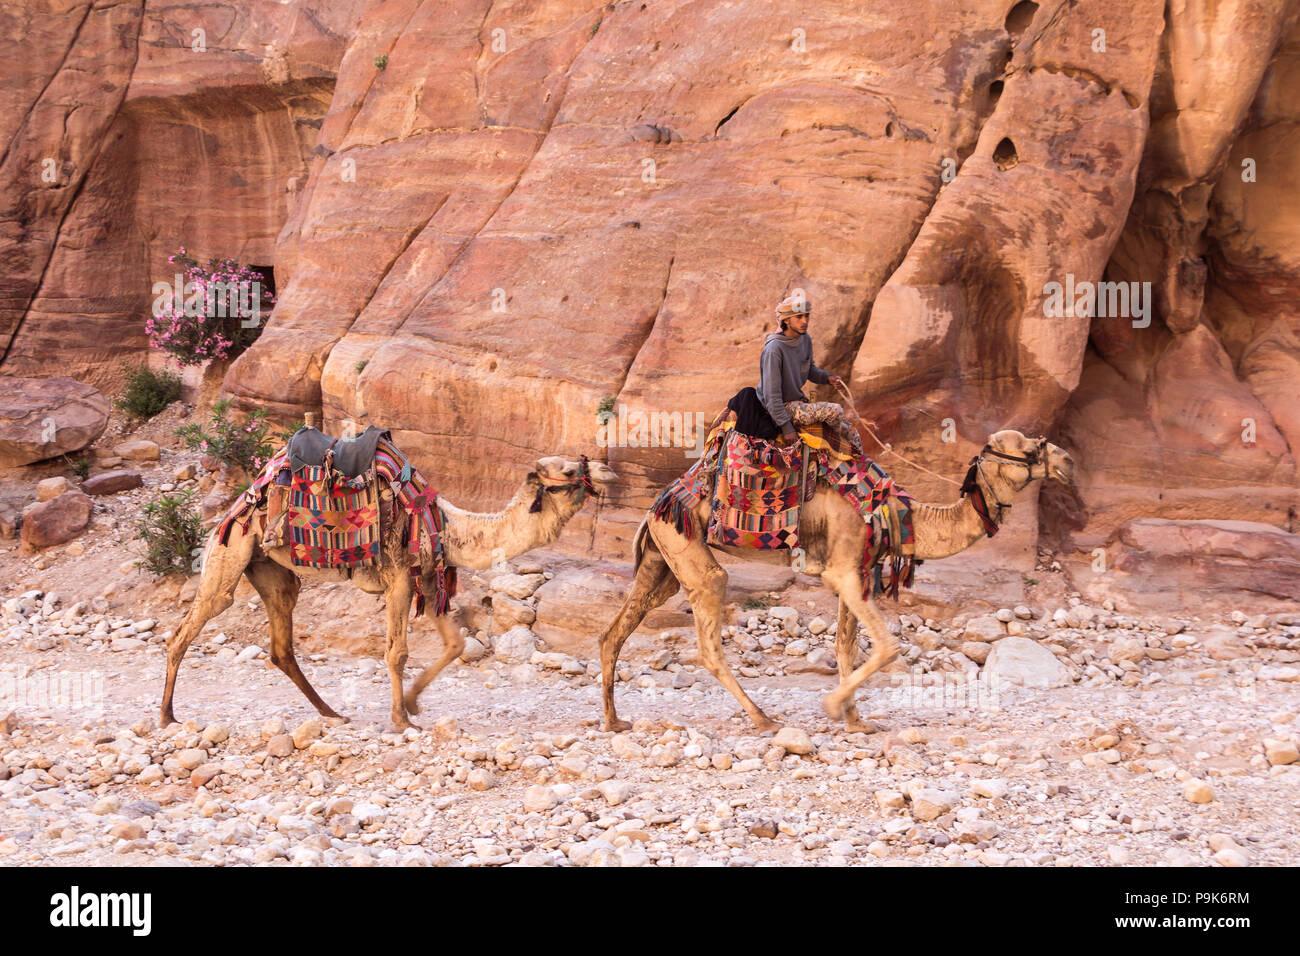 PETRA, JORDAN - APRIL 28, 2016: Bedouin young man riding on his camel in Petra Jordan Stock Photo